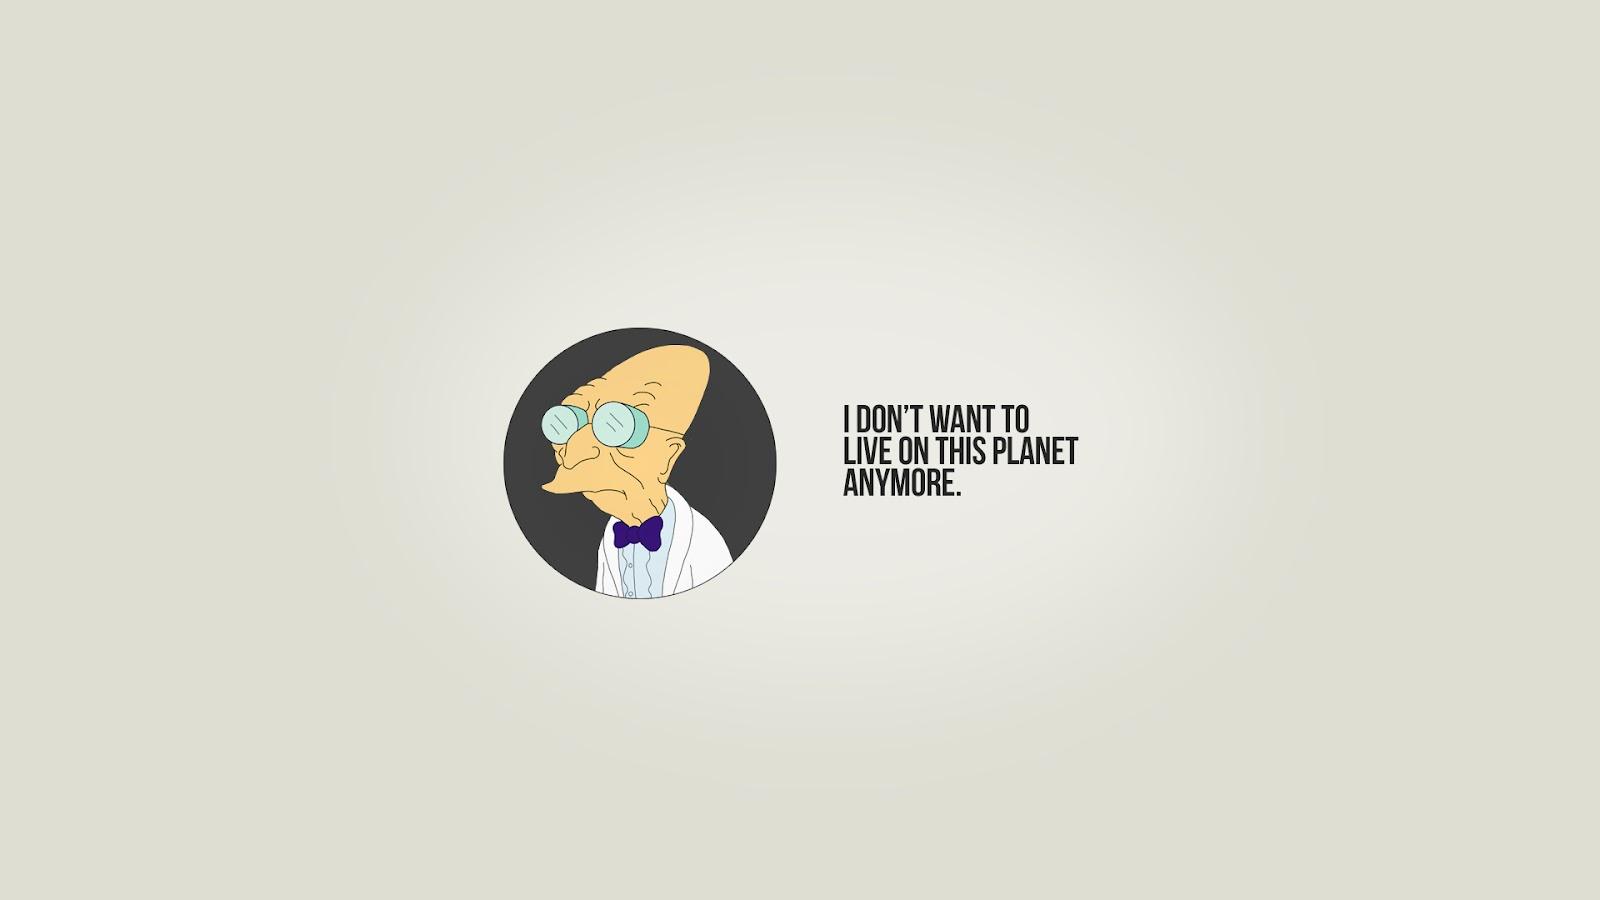 http://3.bp.blogspot.com/-UQkWSTSP1Uc/UF-hRUMu5RI/AAAAAAAAIrw/l1cTkTfDhA8/s1600/Professor_Farnsworth_Futurama_HD_Wallpaper.jpg